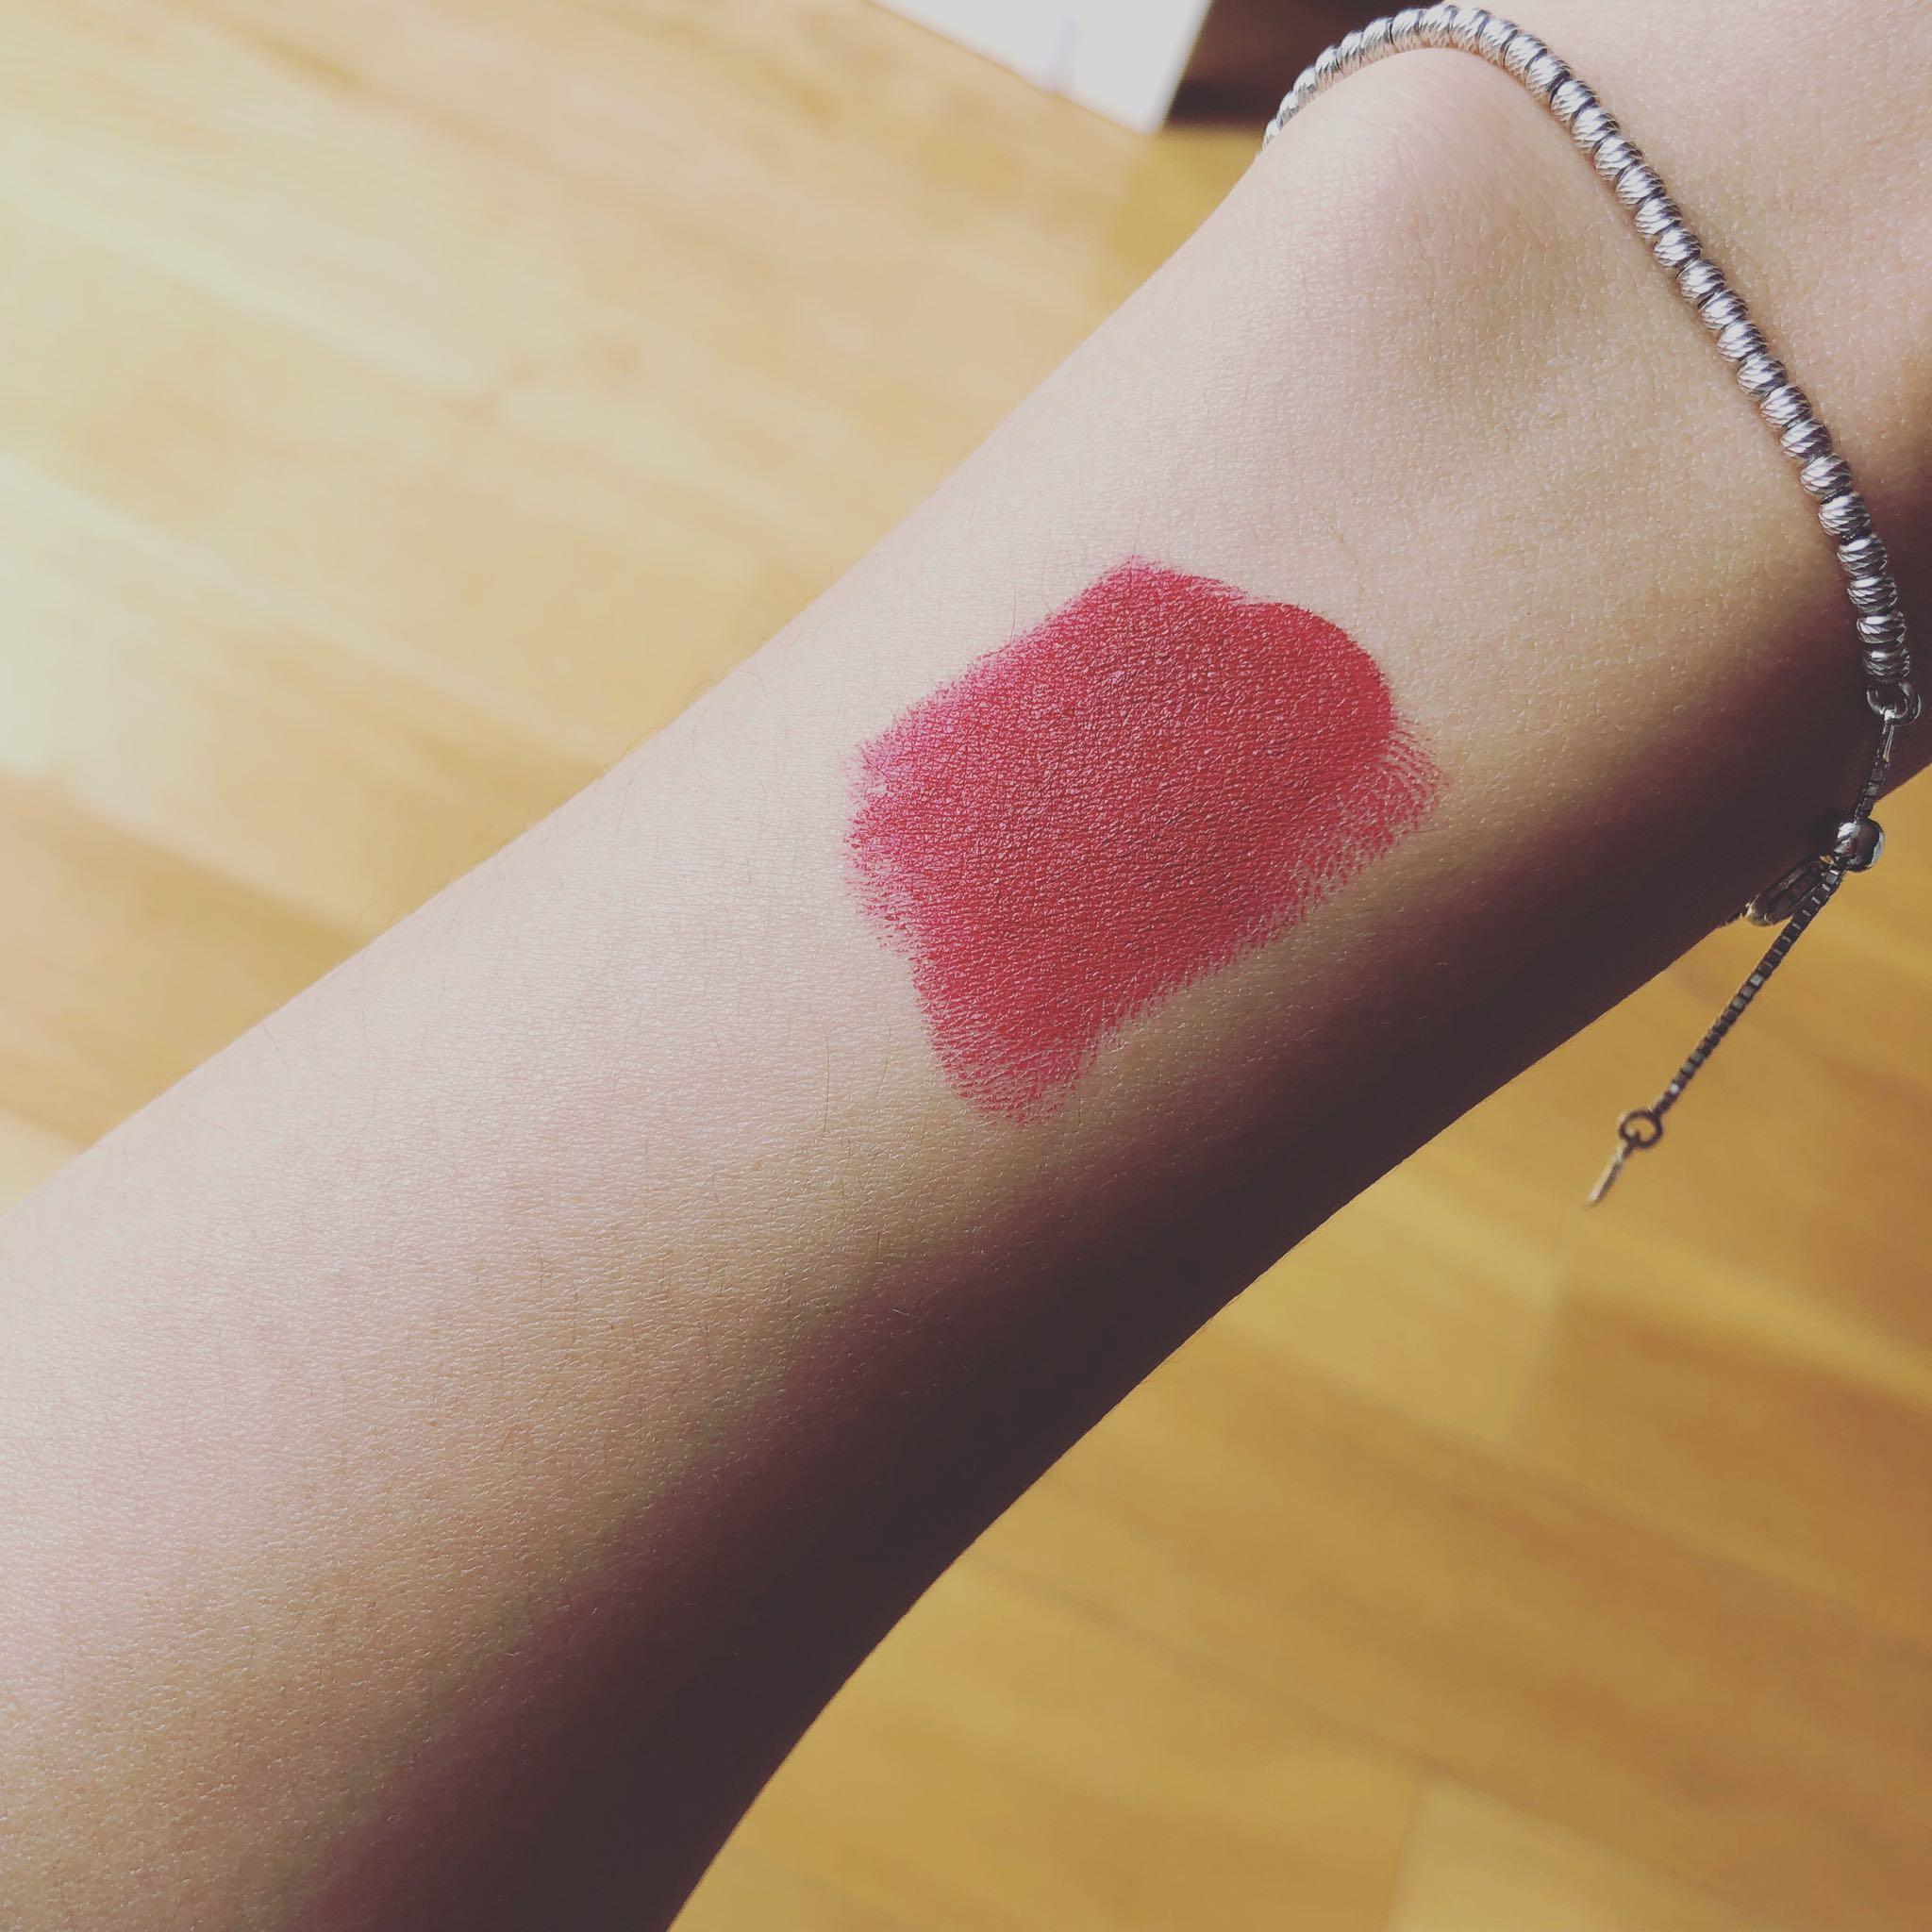 口红排行榜前十名—MAC Russian Red试色,雾面显白的大红色